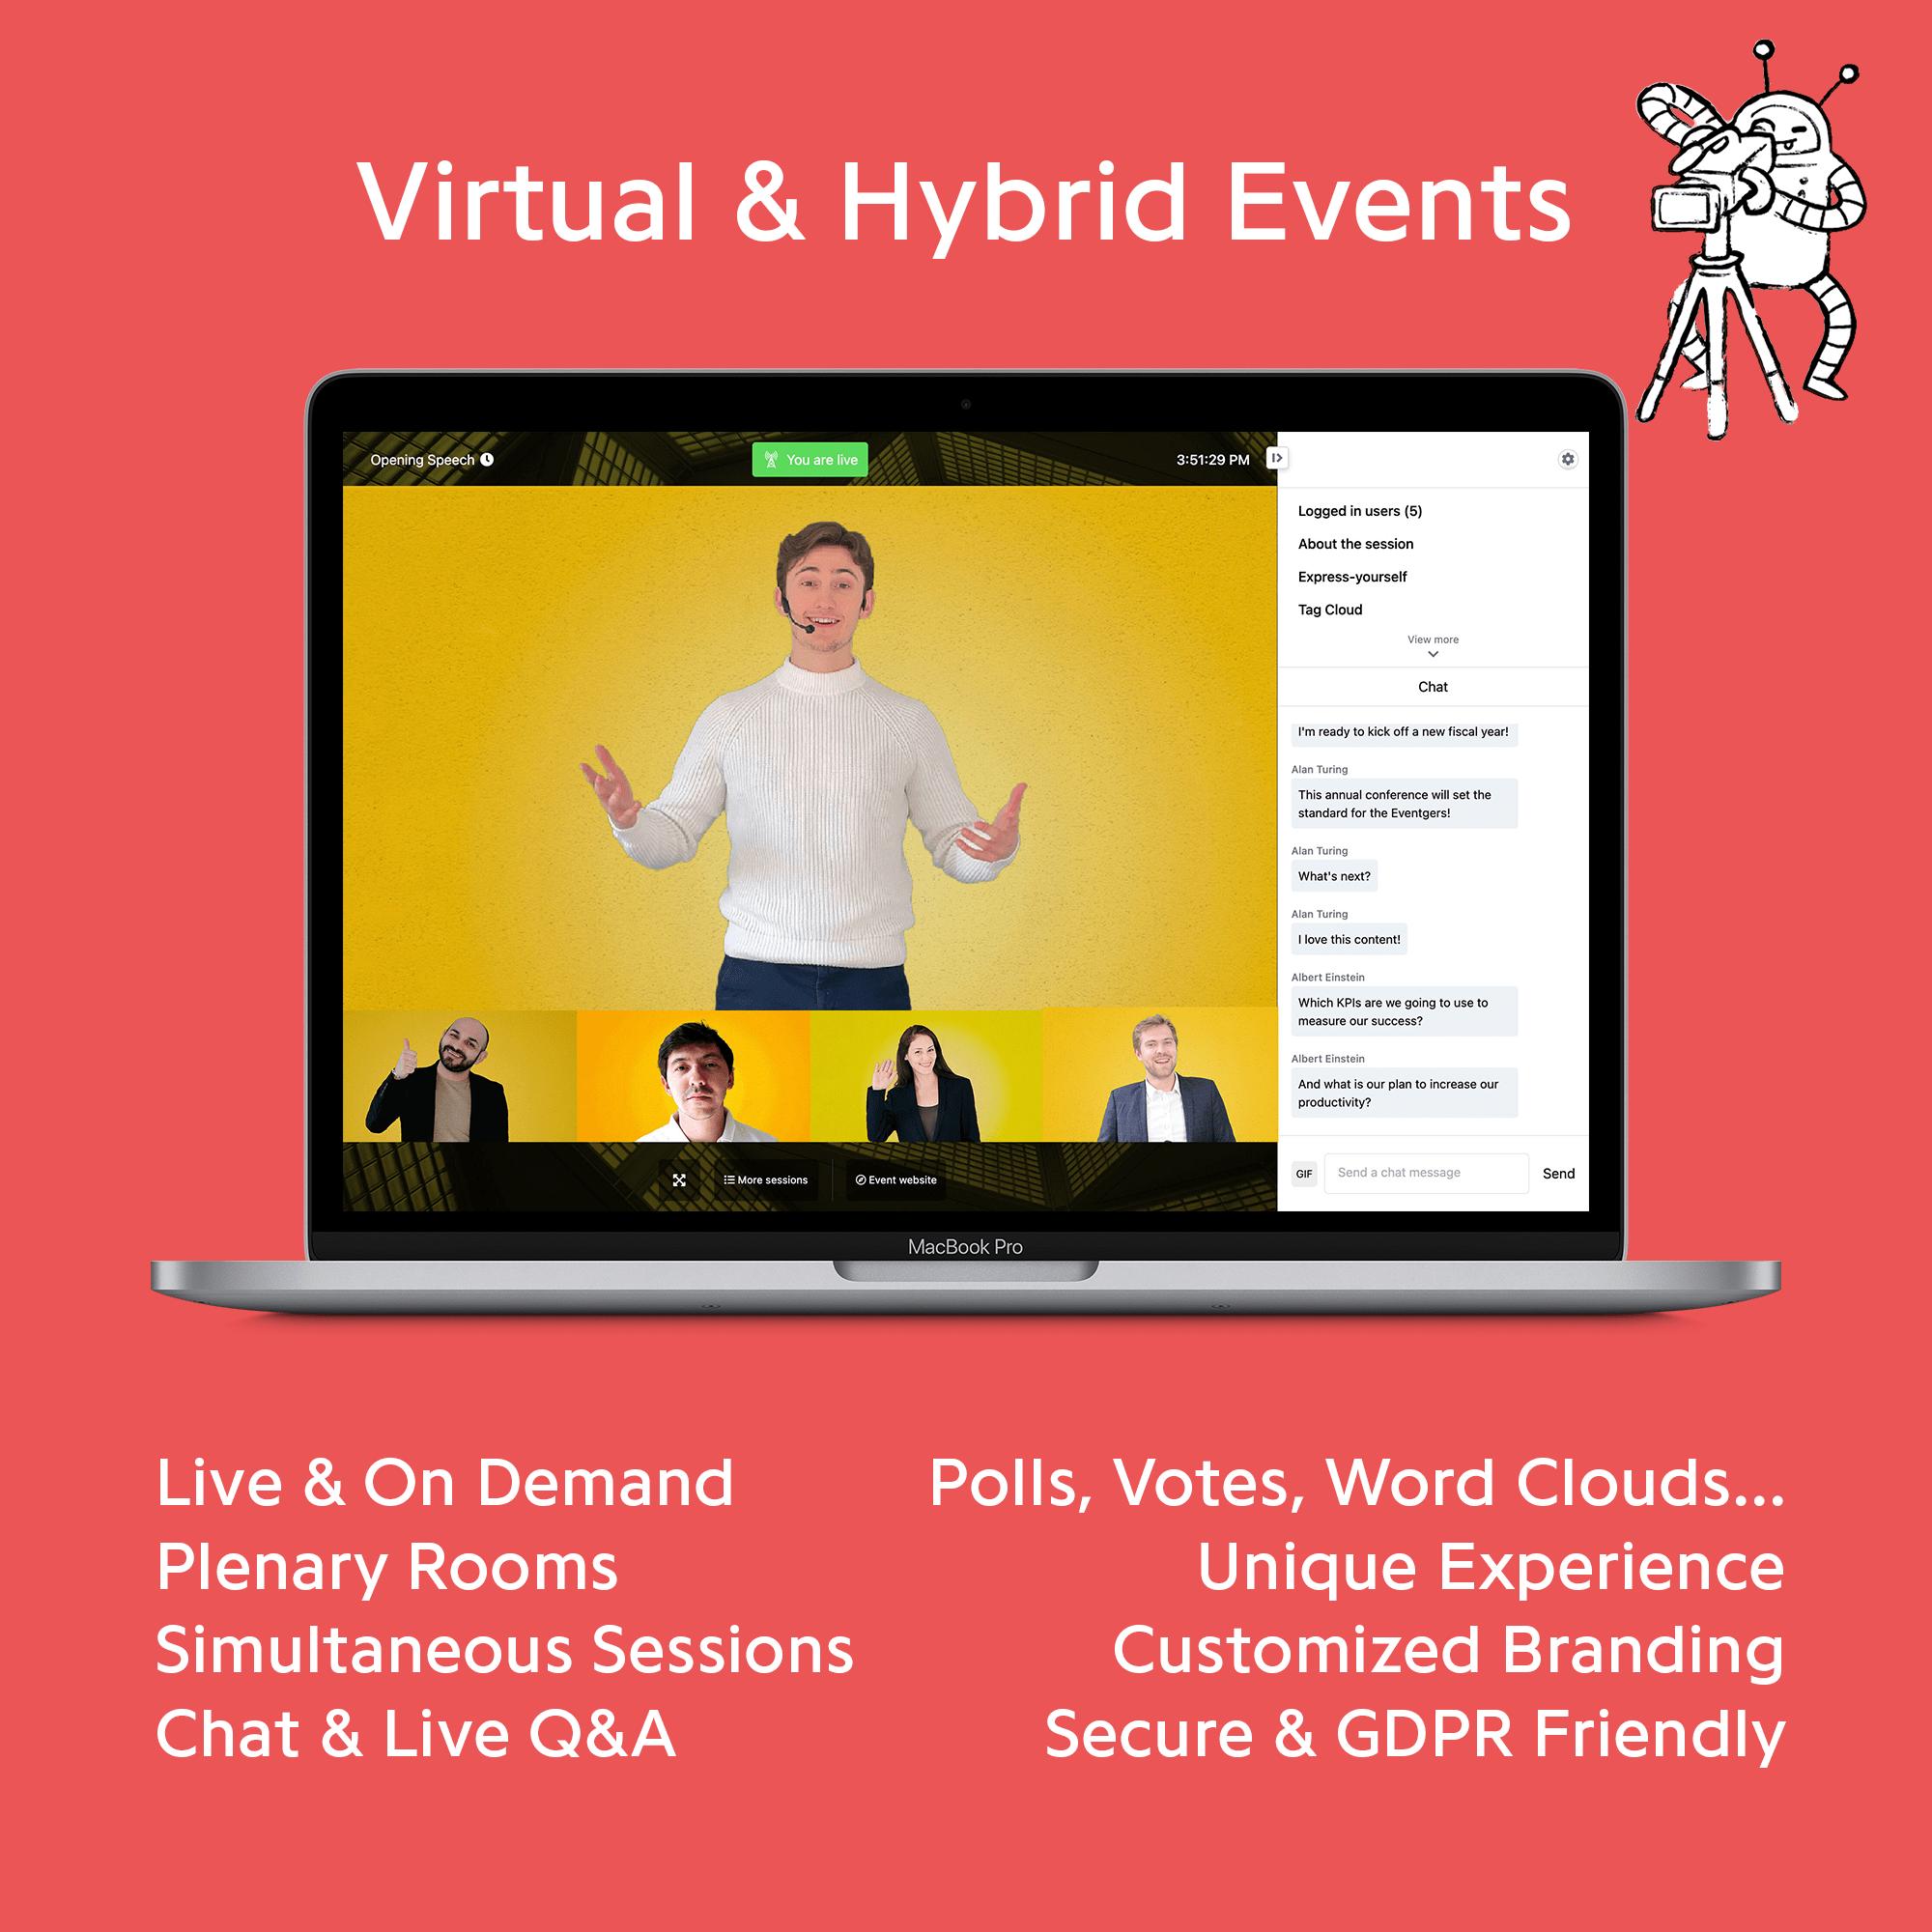 Des événements hybrides et virtuels selon vos besoins